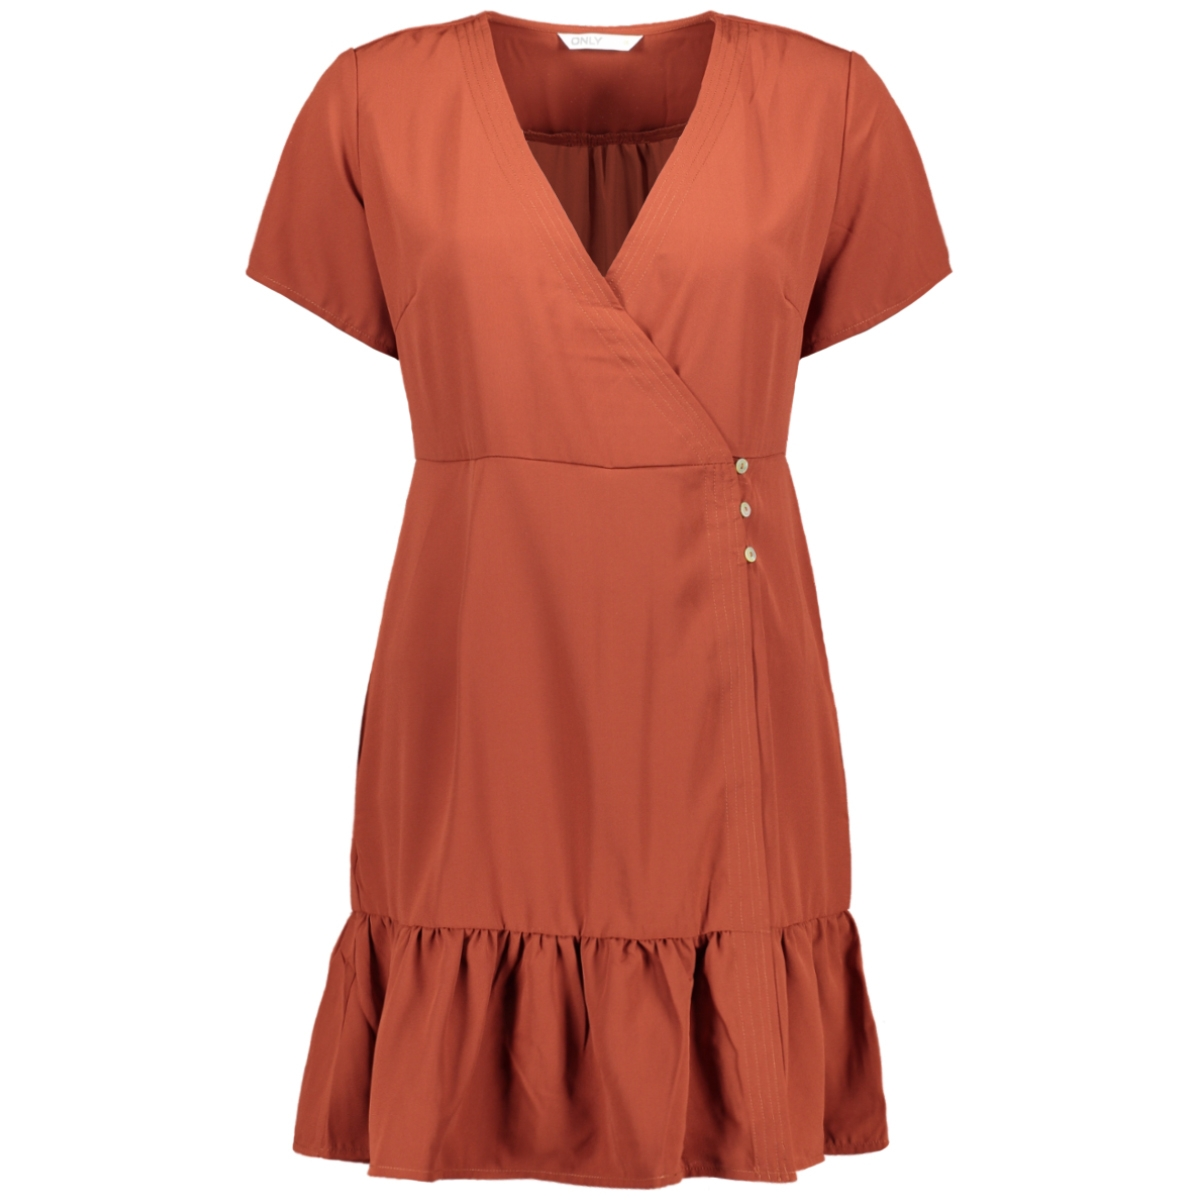 onlalice 3/4 dresswvn 15208084 only jurk burnt henna